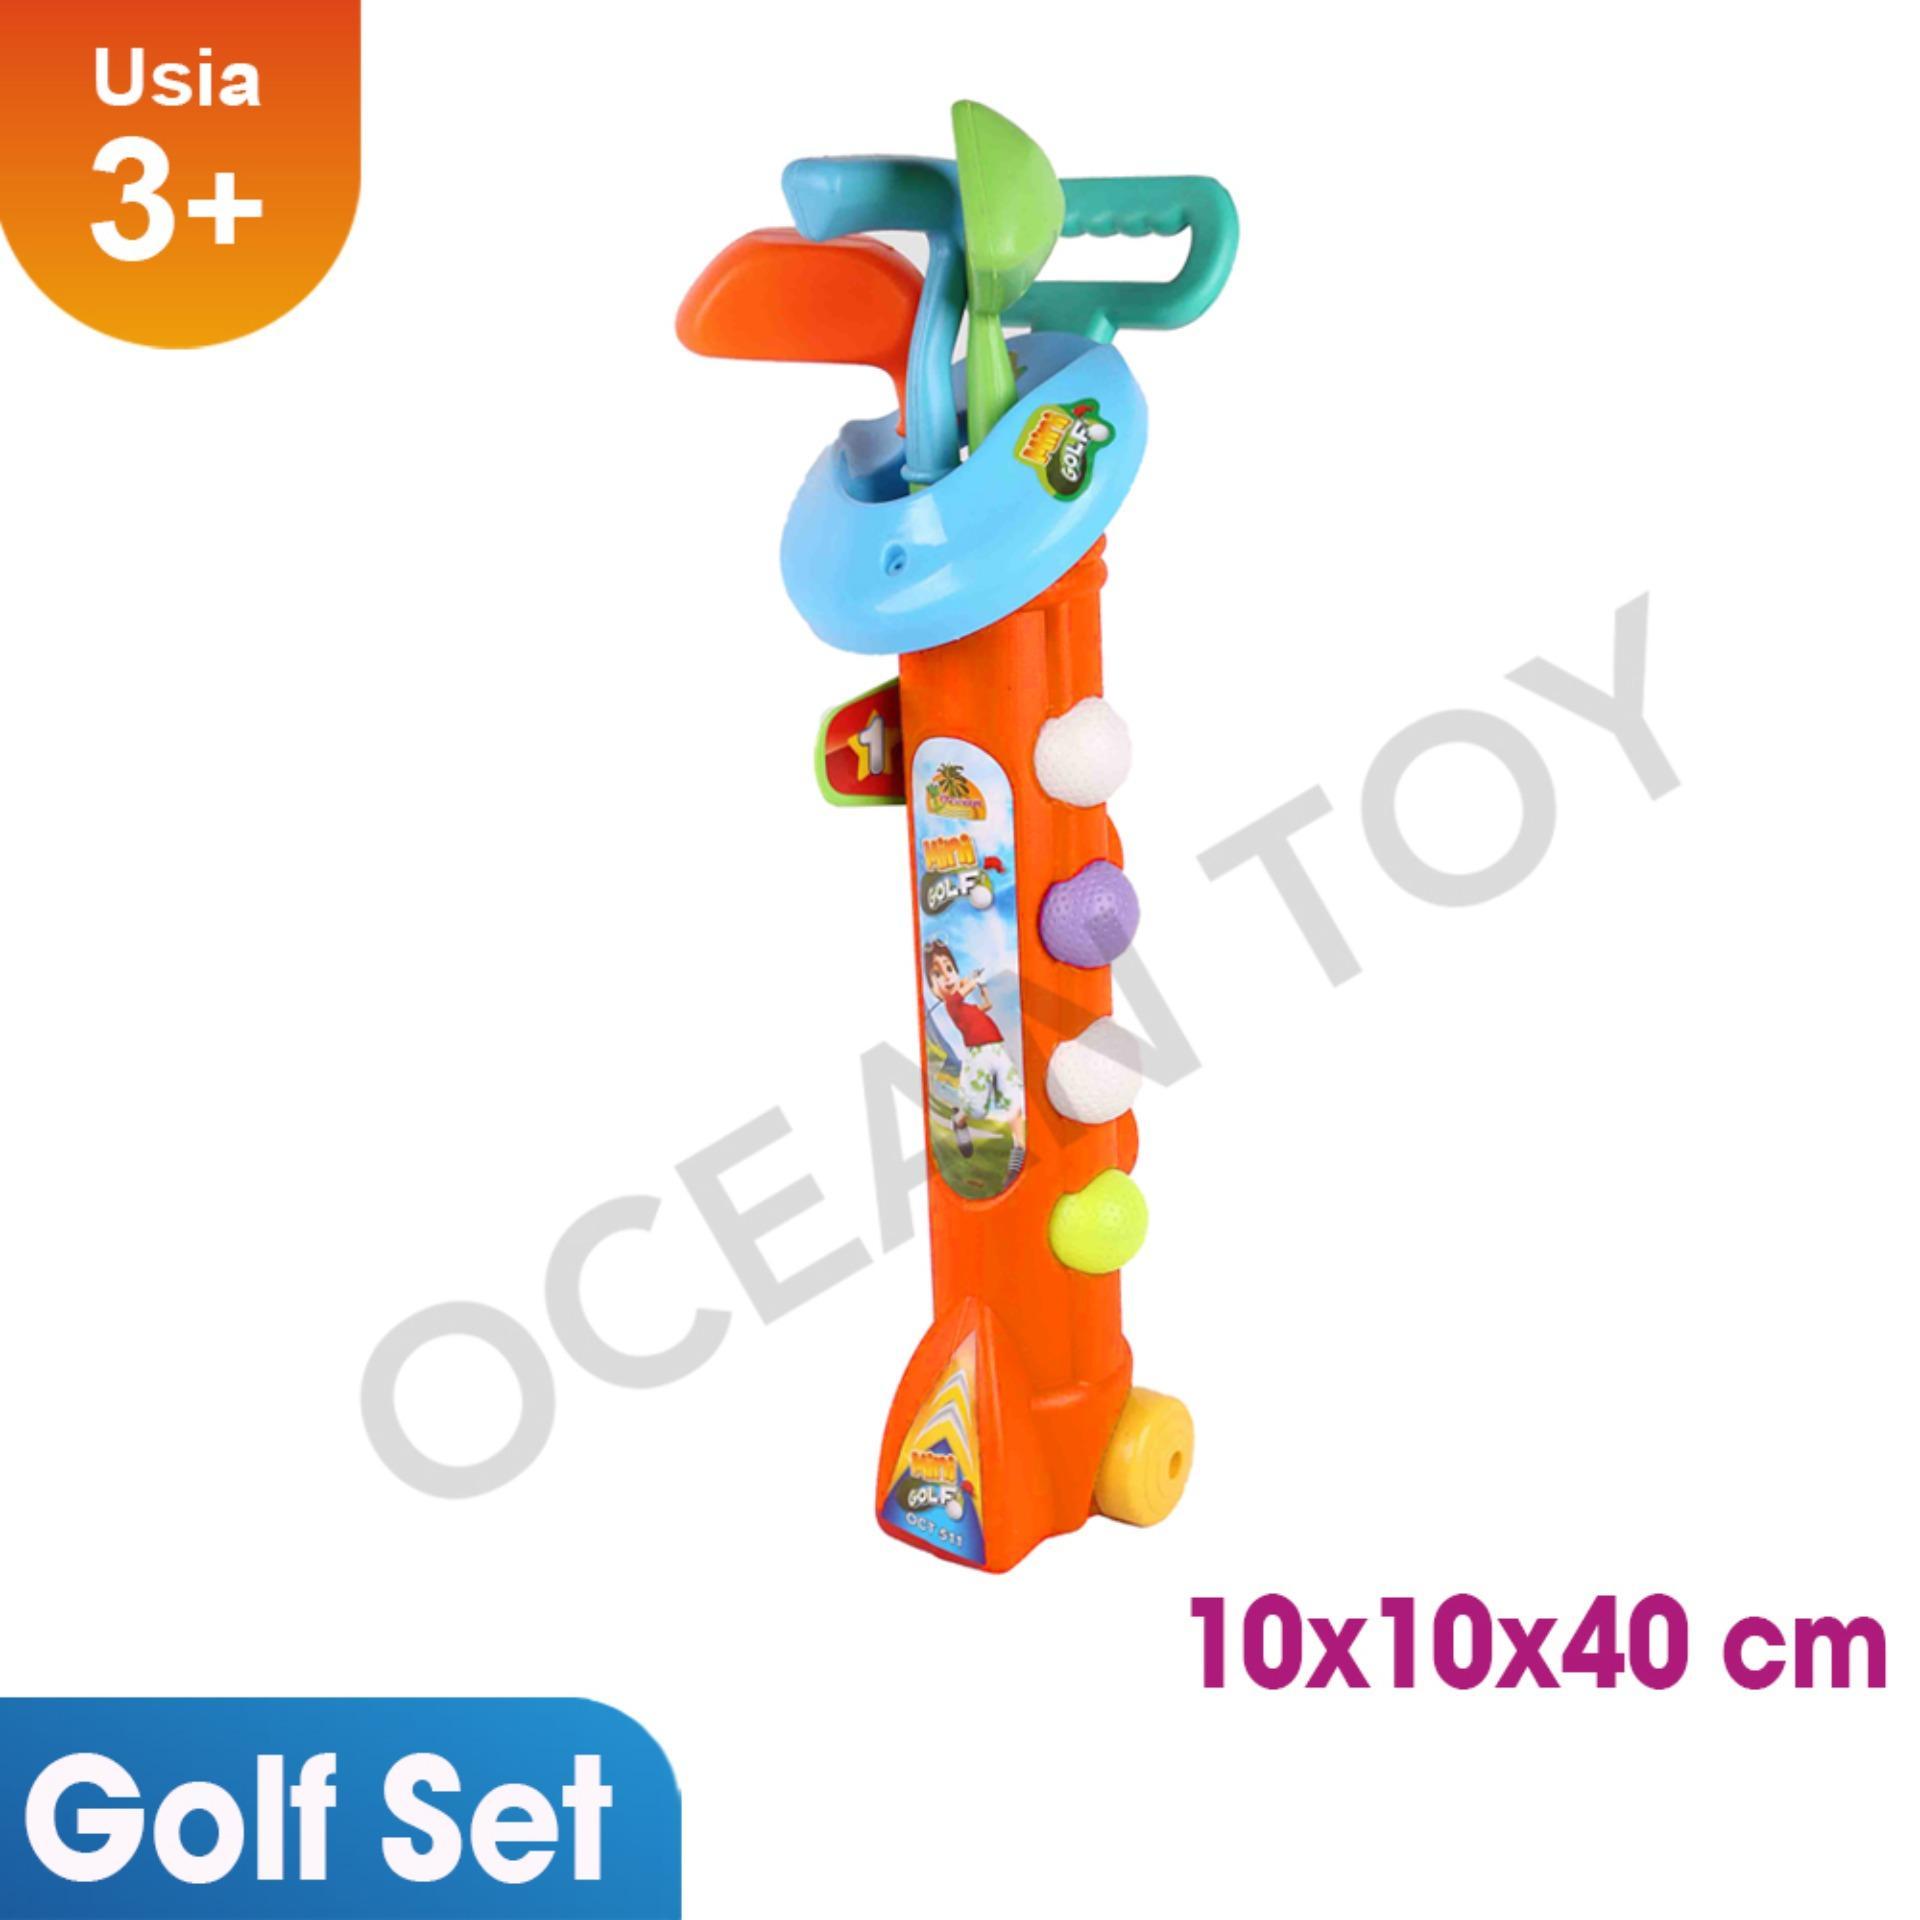 Ocean Toy Golf Set Jaring Mainan Edukasi Anak - OCT511 - Orange